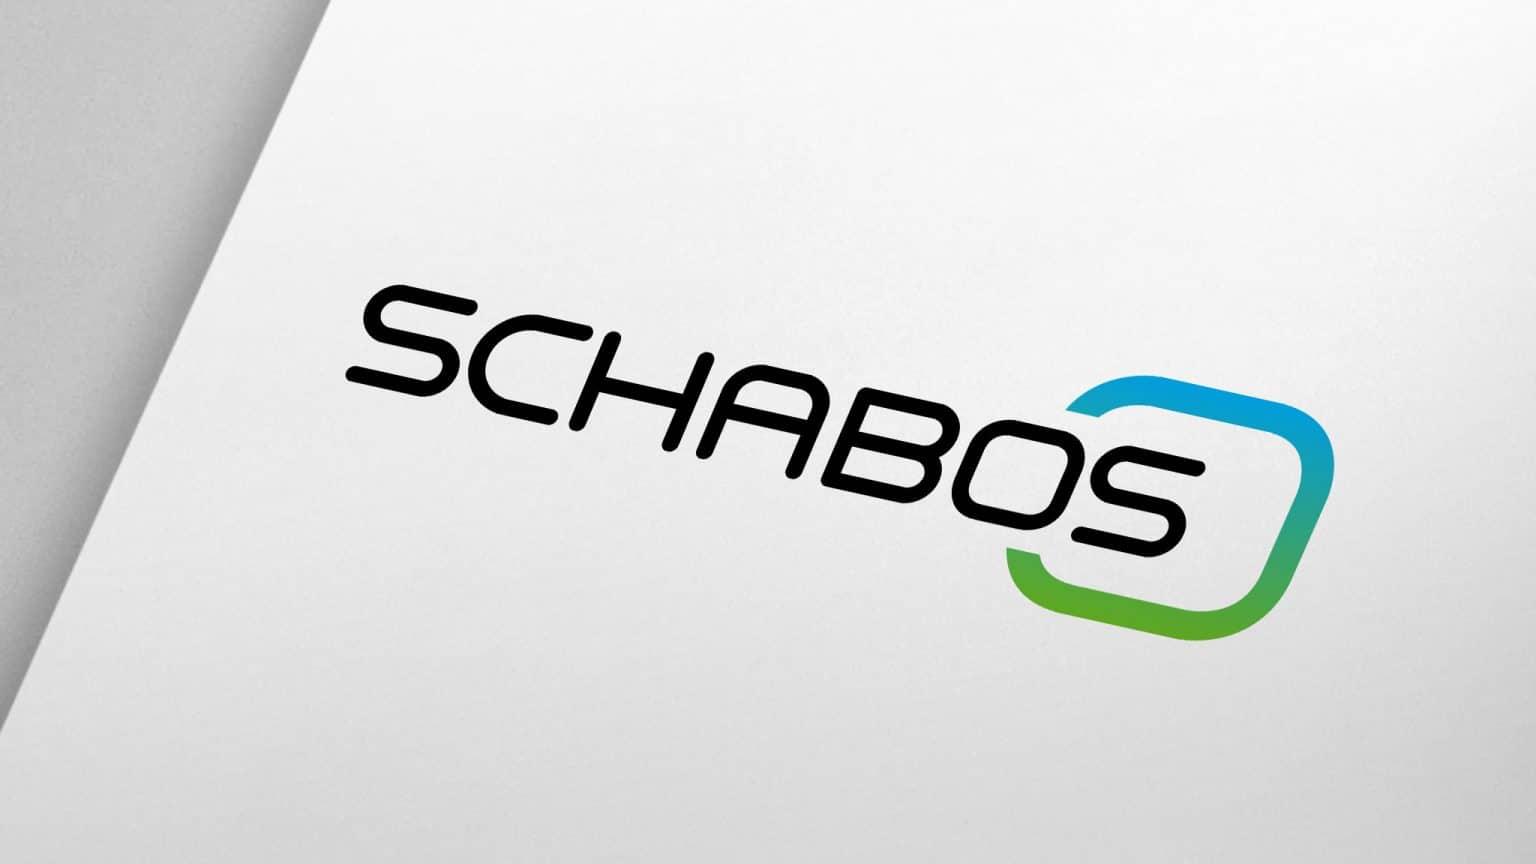 Schabos_logo01